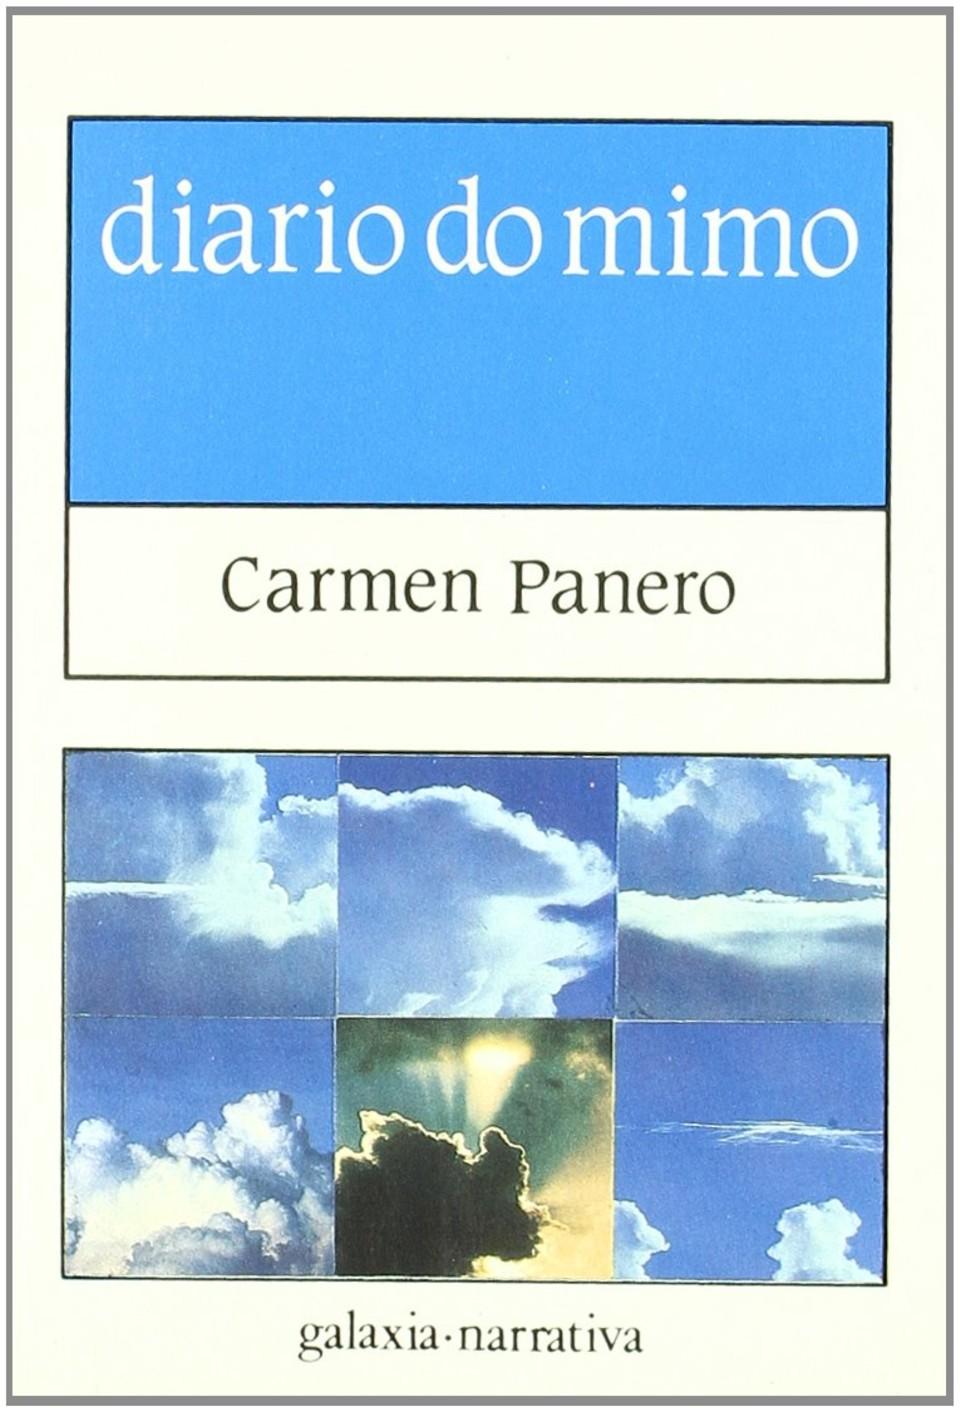 Diario do mimo, Carmen Panero